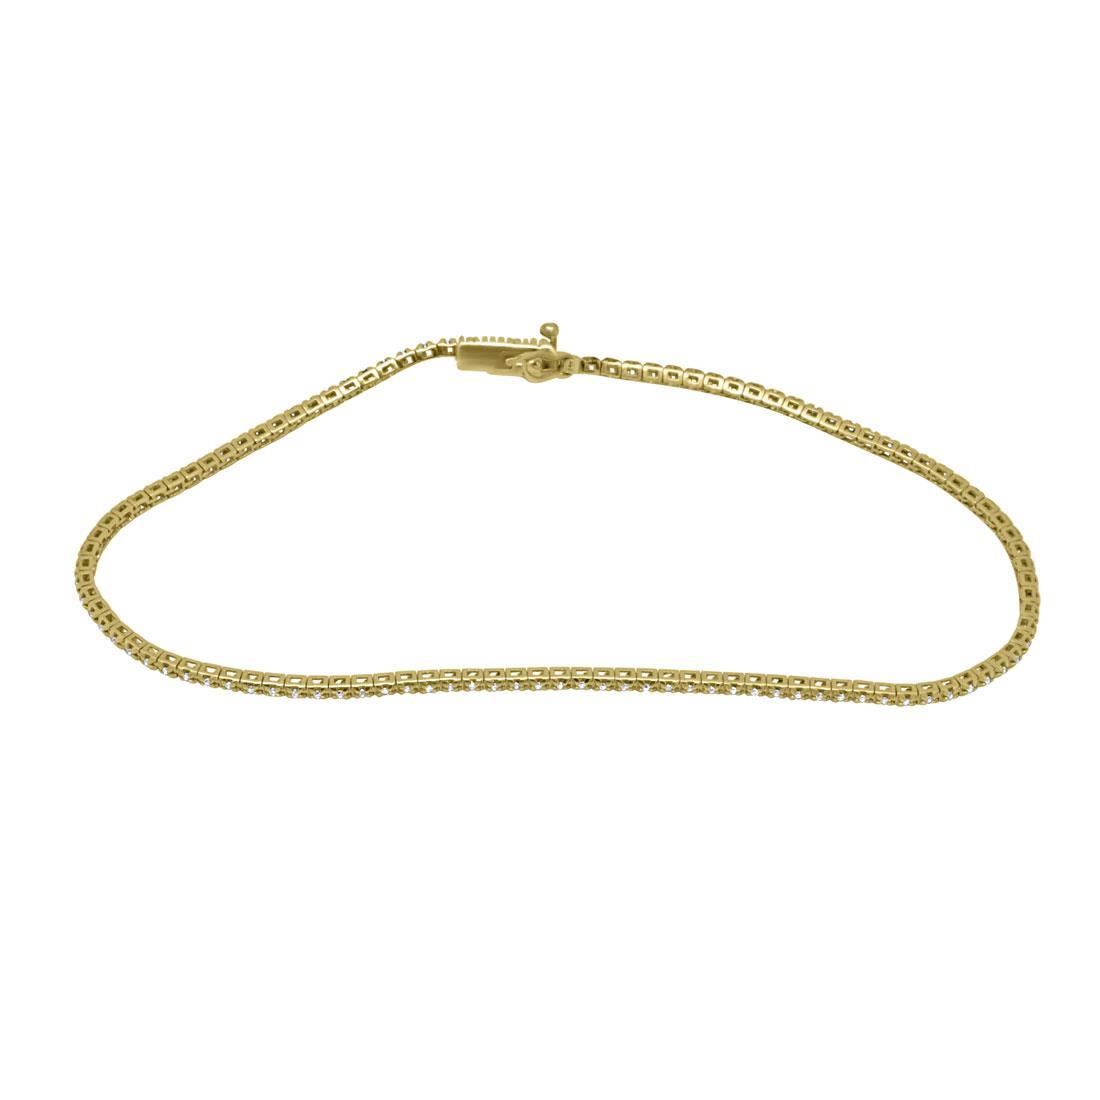 Bracciale in oro giallo con diamanti  - ALFIERI ST JOHN